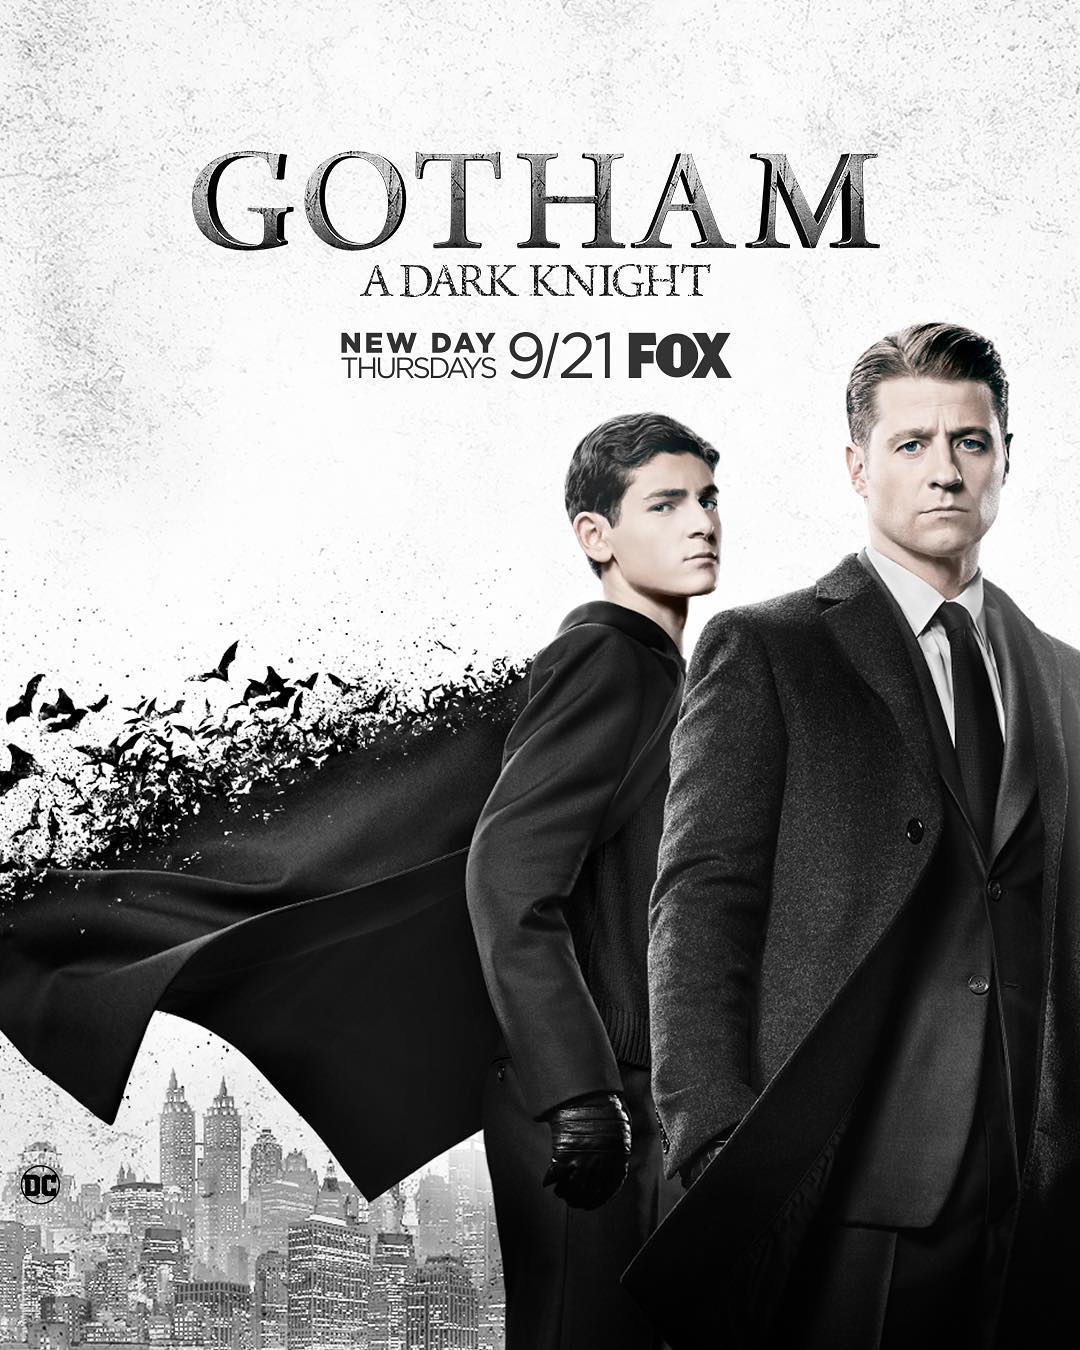 Serien Wie Gotham